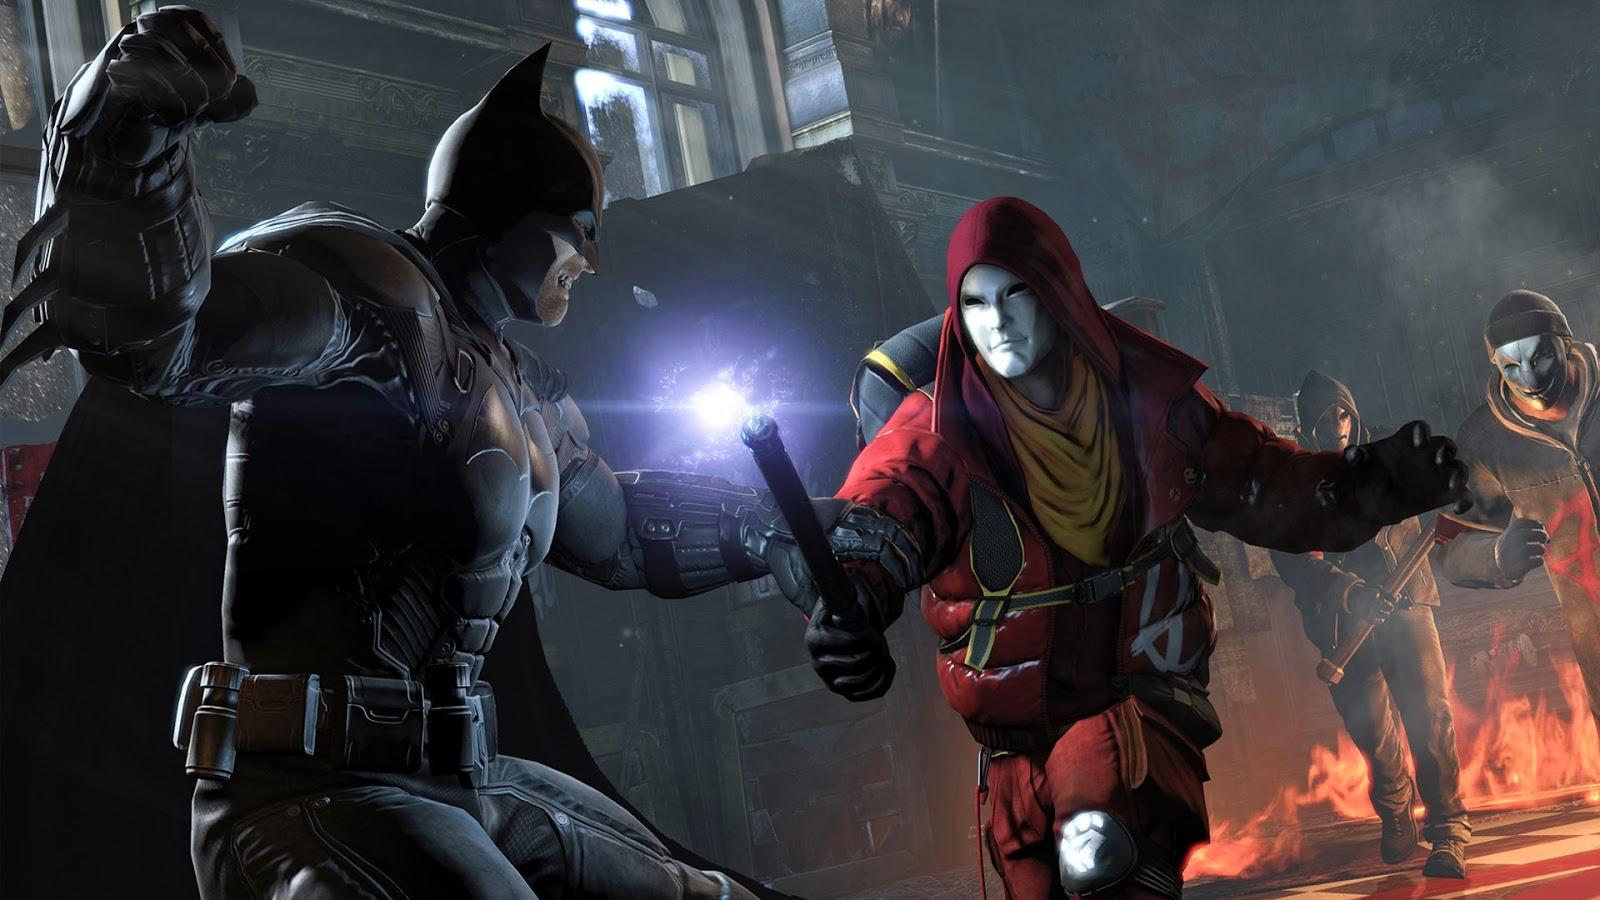 Batman vs Red Hood Batman Arkham Origins Wallpaper 1600x900